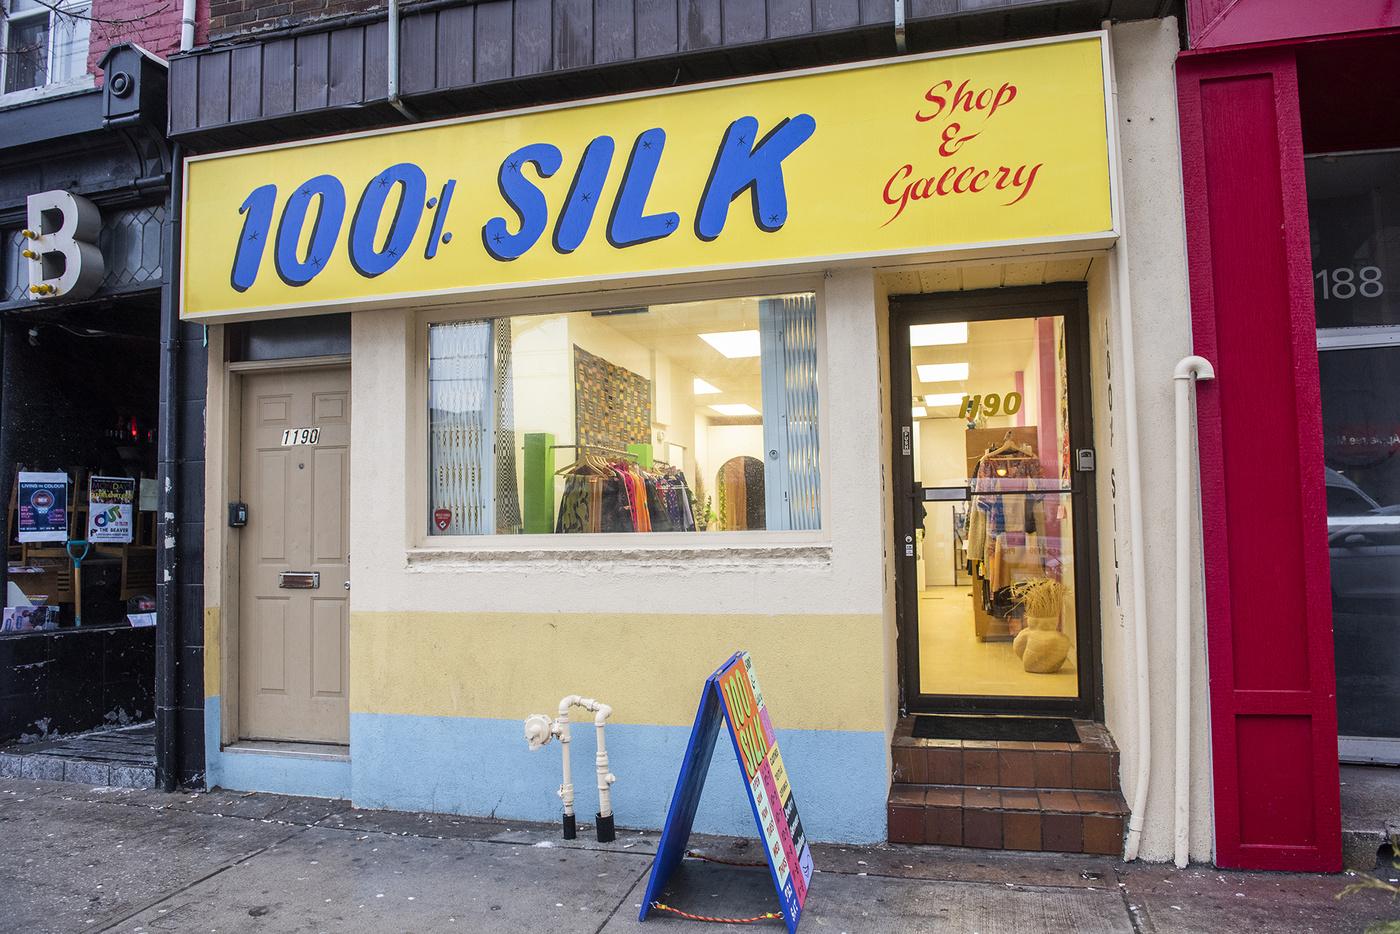 100 silk toronto